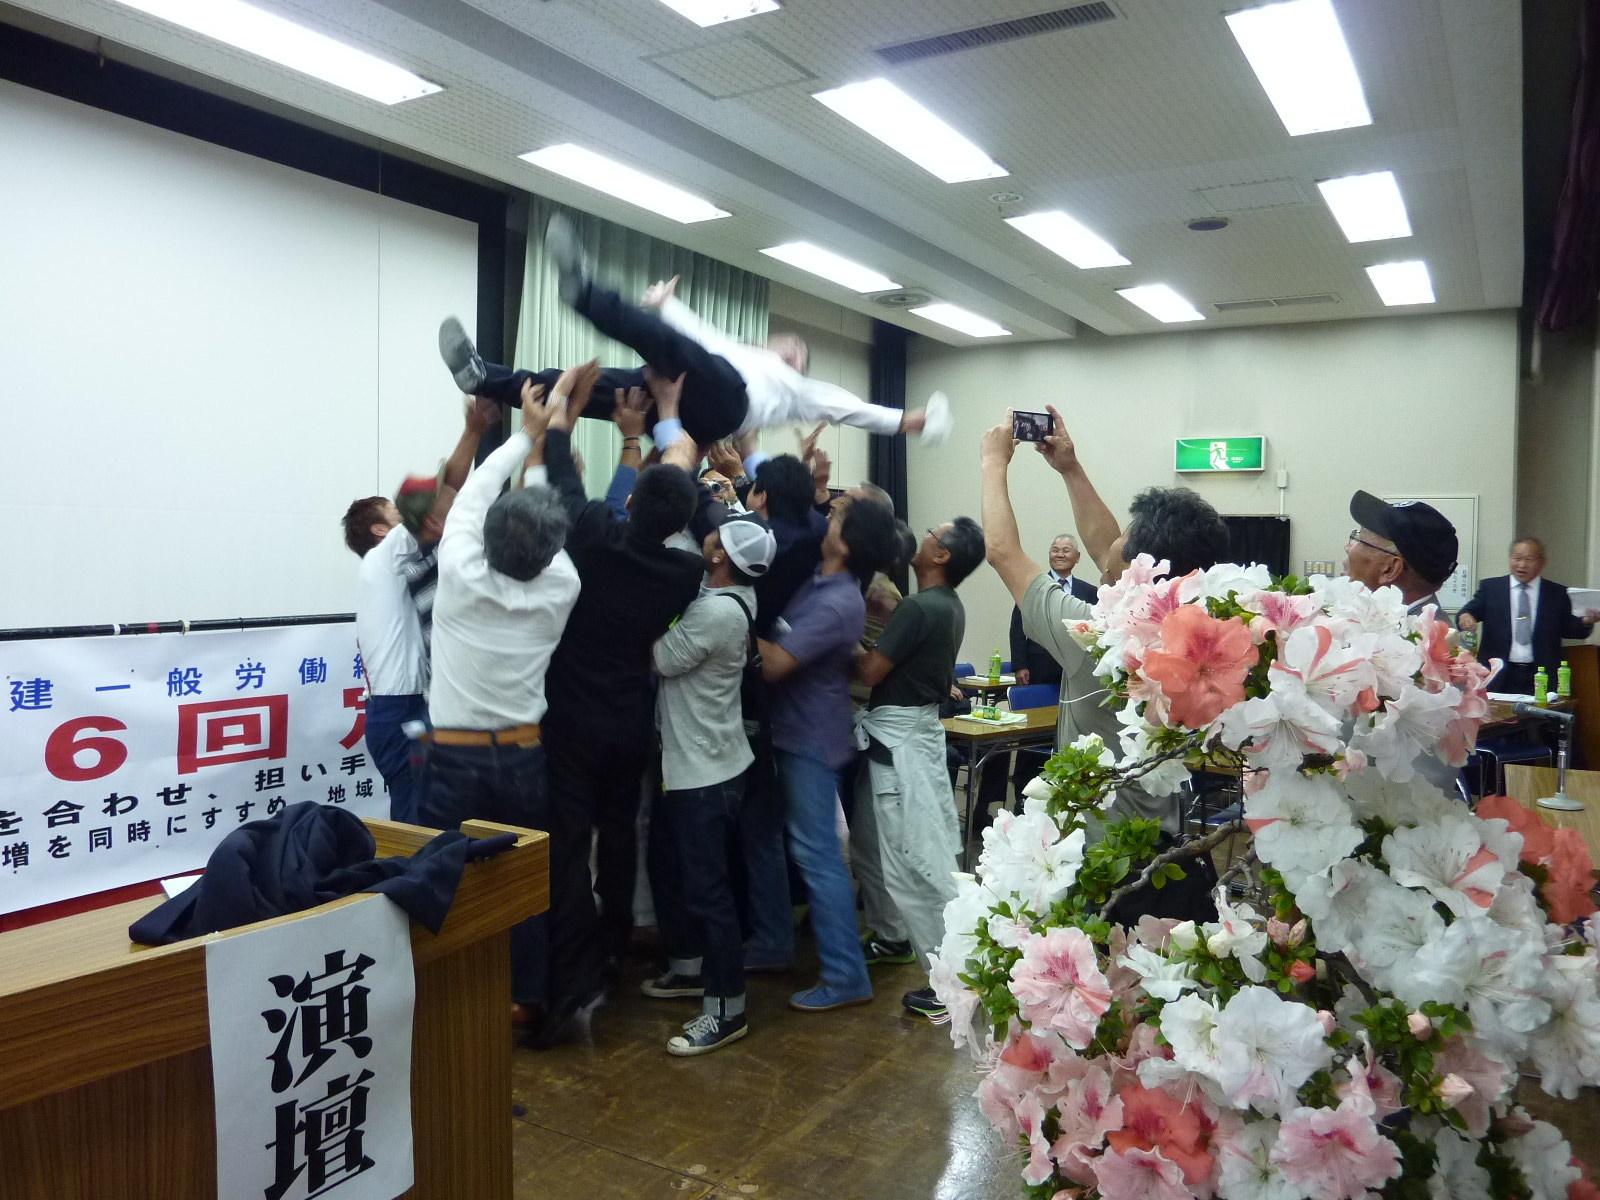 神奈川土建相模原支部定期大会&胴上げ、_c0228241_00031860.jpg